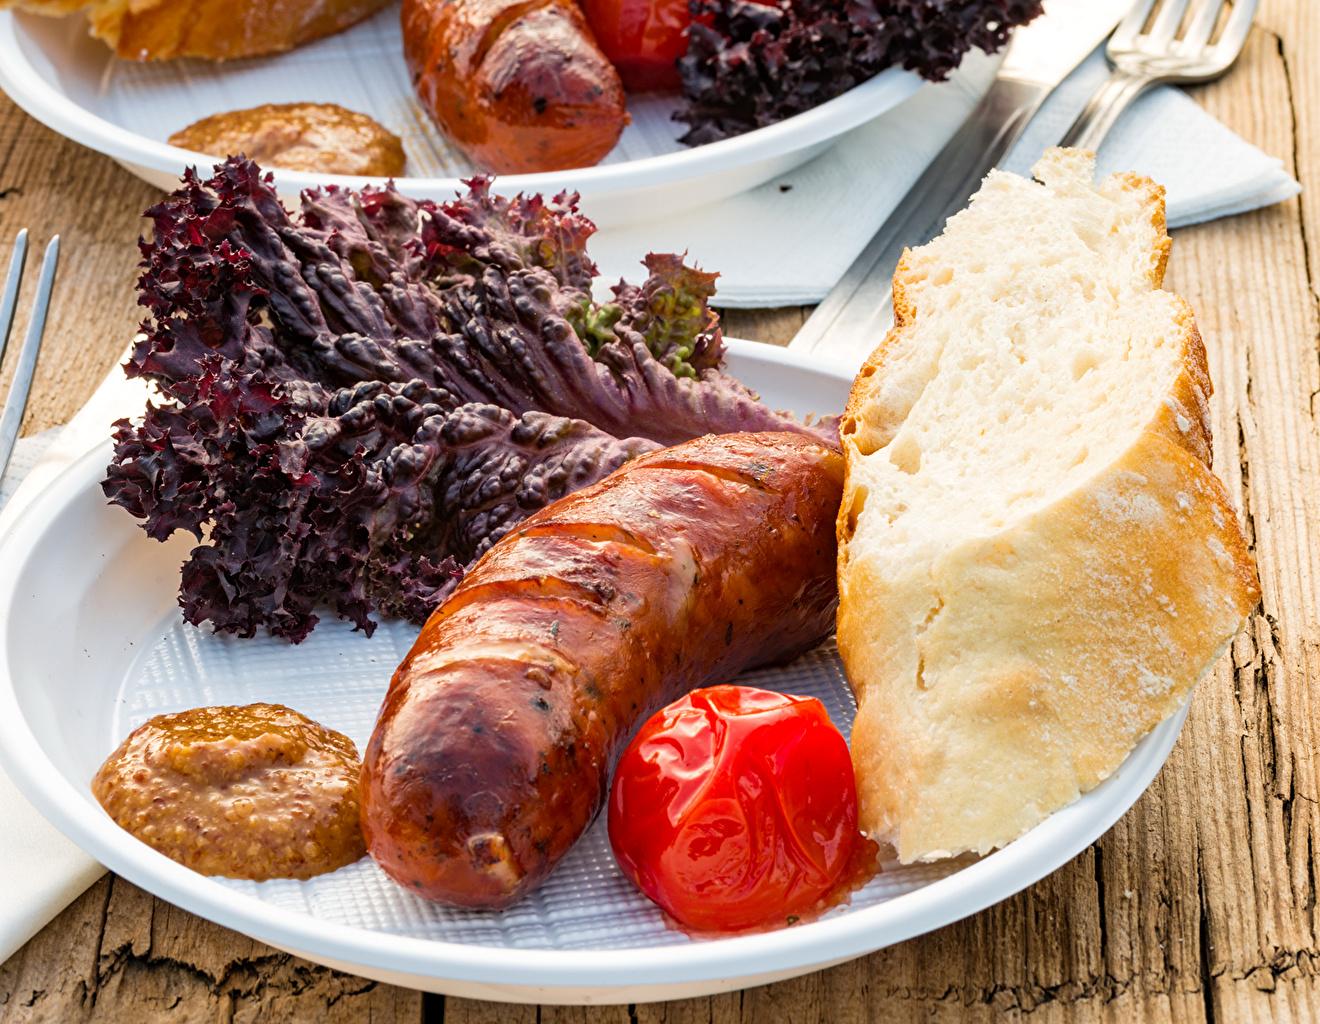 Bilder Brot Frankfurter Würstel Teller Gemüse Lebensmittel Fleischwaren Wiener Würstchen